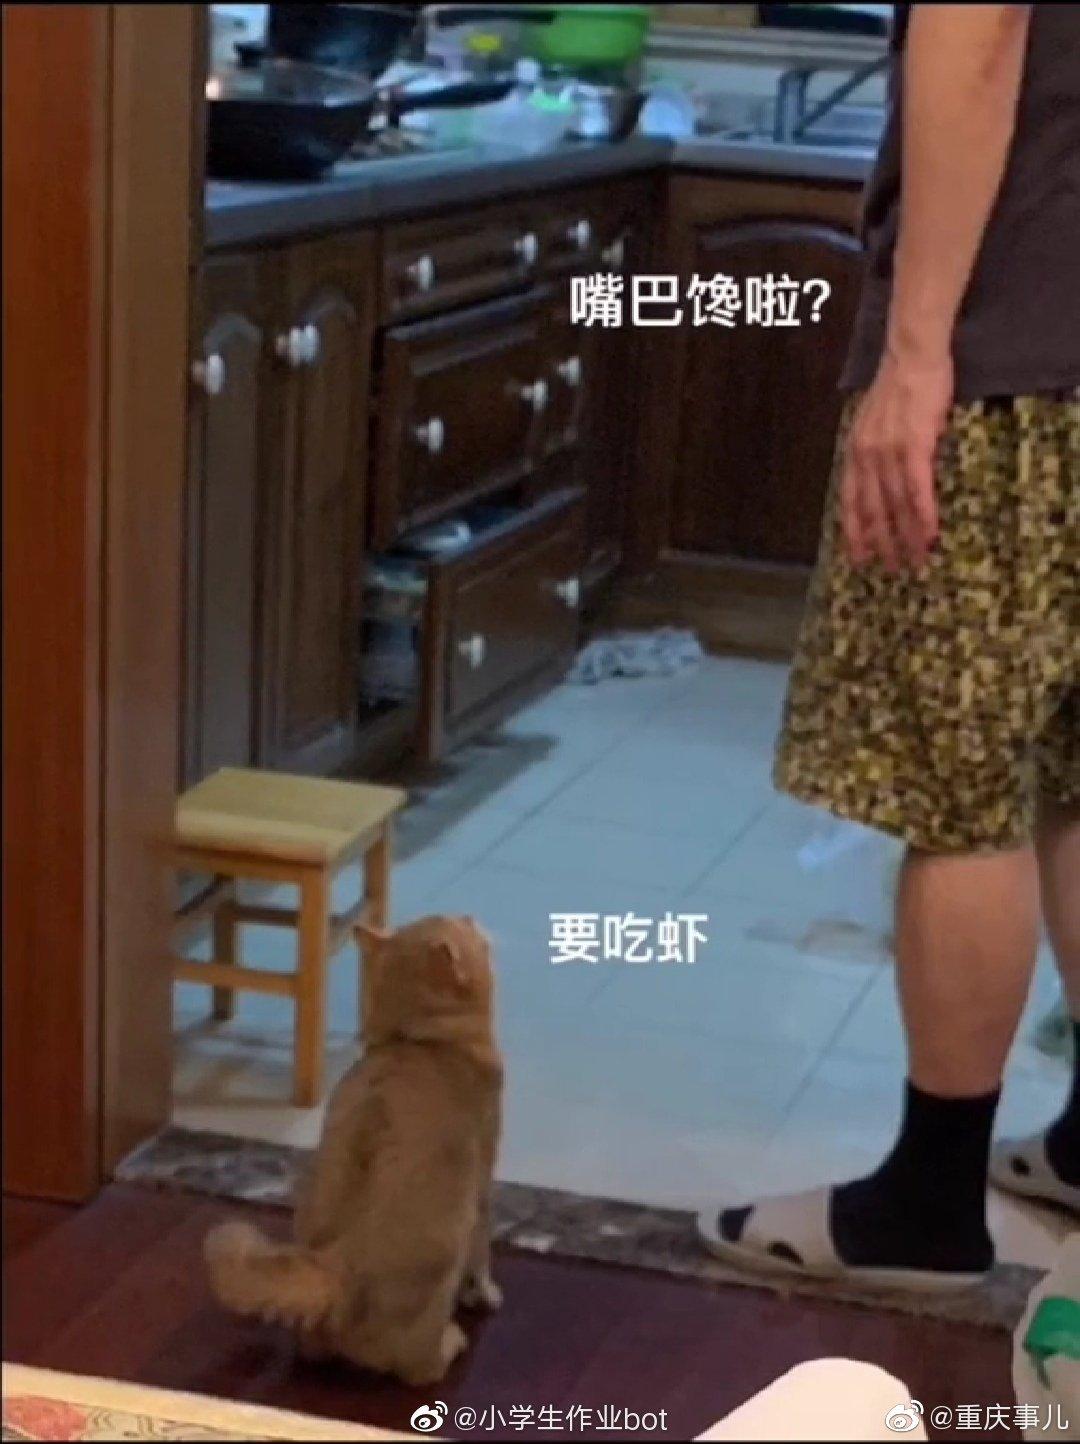 爸爸说你要是养猫我就把猫扔出去 结果我的虾没了 (小学生作业bo